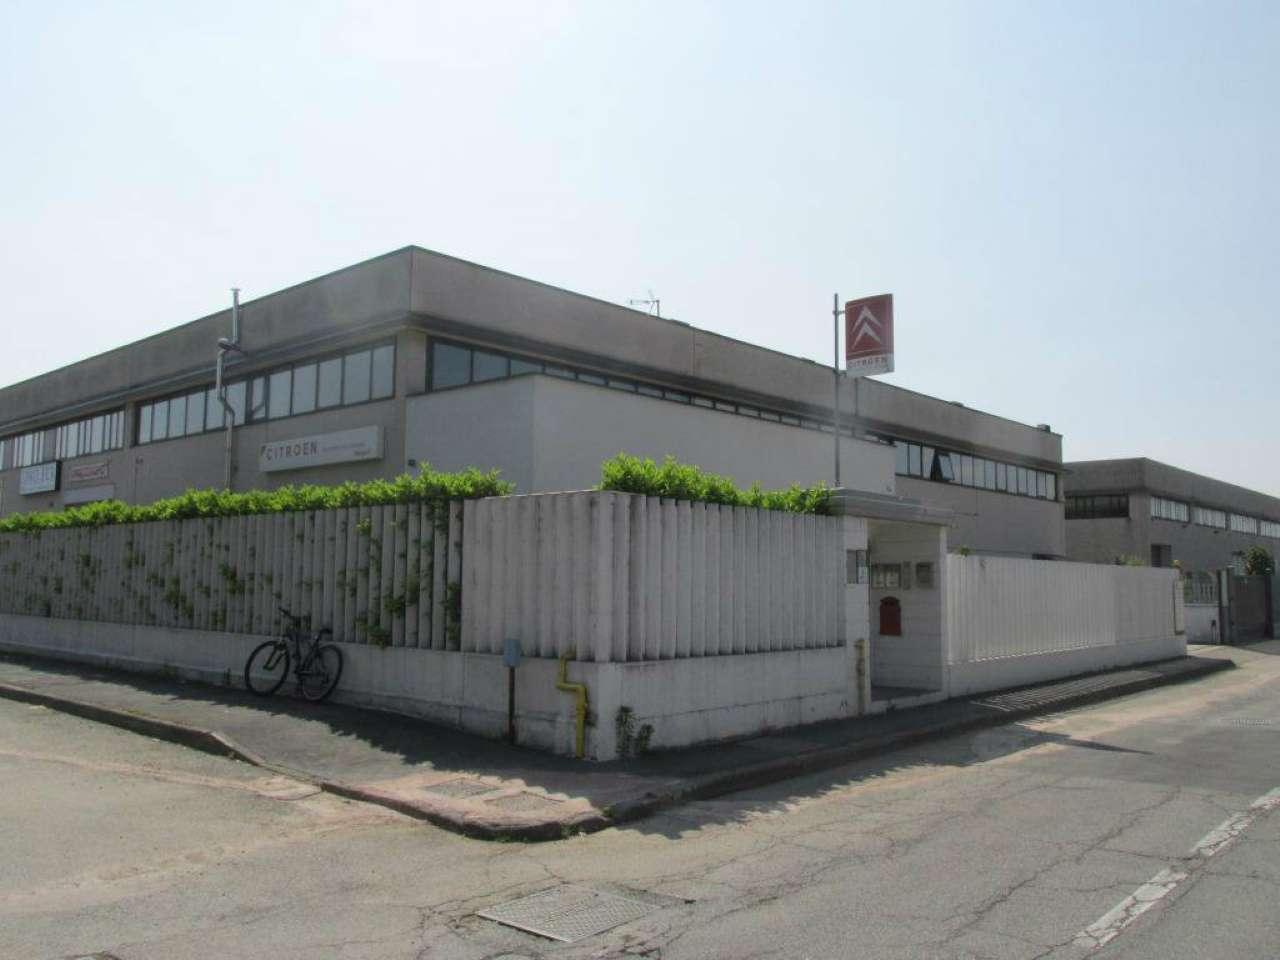 Ufficio-studio in Affitto a Segrate: 1 locali, 65 mq